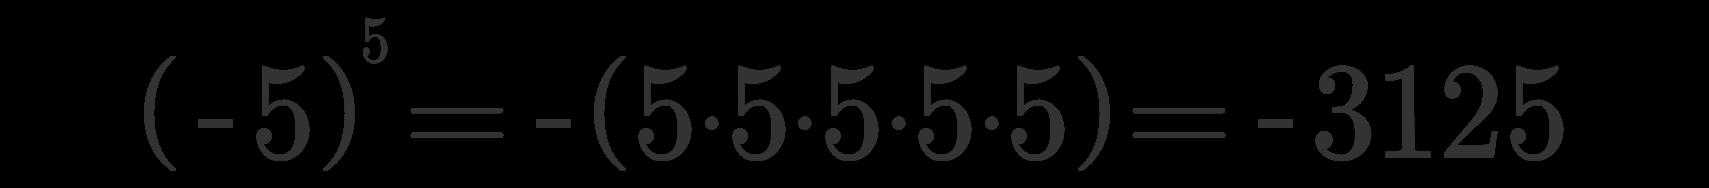 Potenza numeri relativi 4